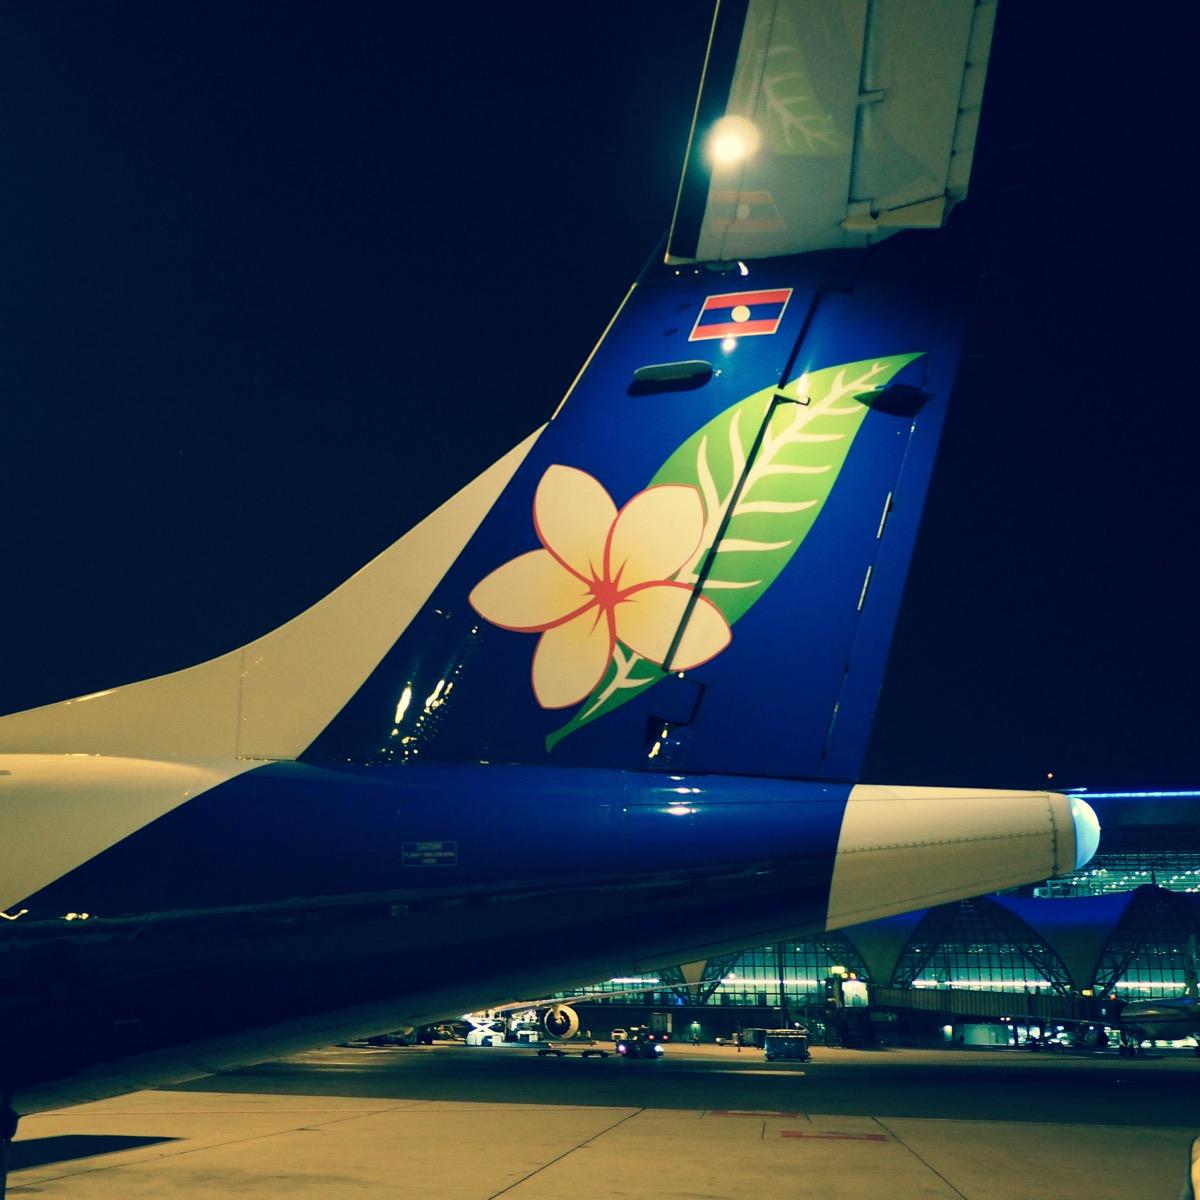 ラオス航空446便 バンコク→ビエンチャン ATR72-600 エコノミークラス搭乗記